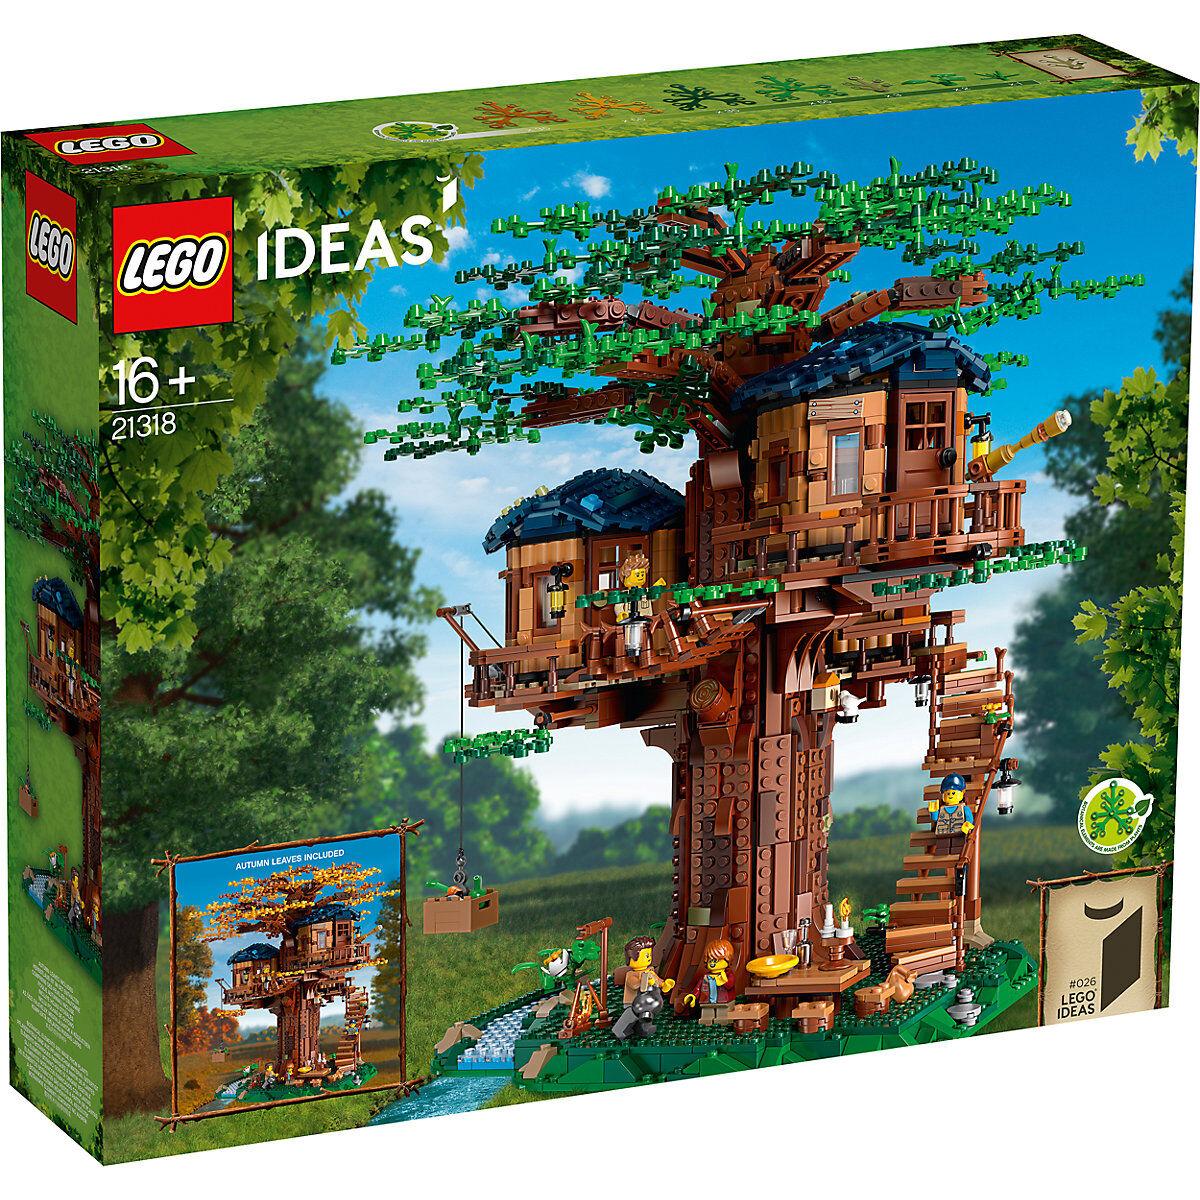 Laagste prijs ooit! Lego 21318 boomhuis